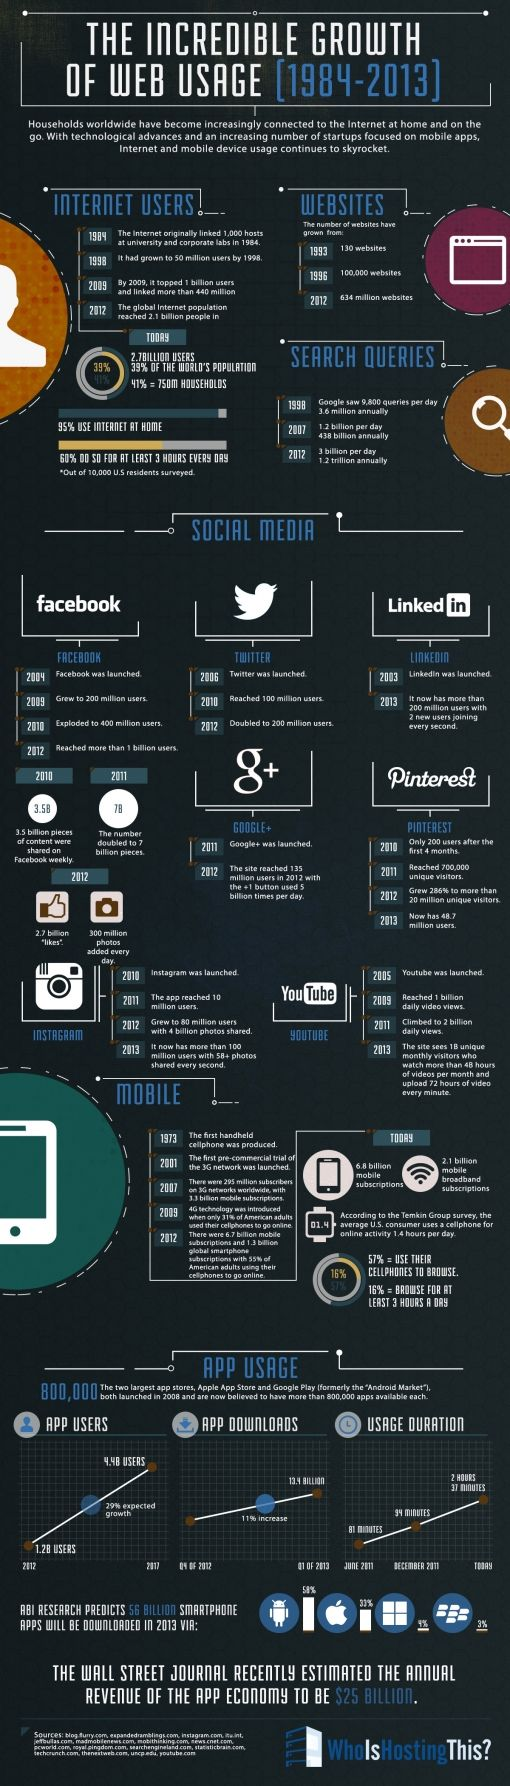 webgebruik-infographic